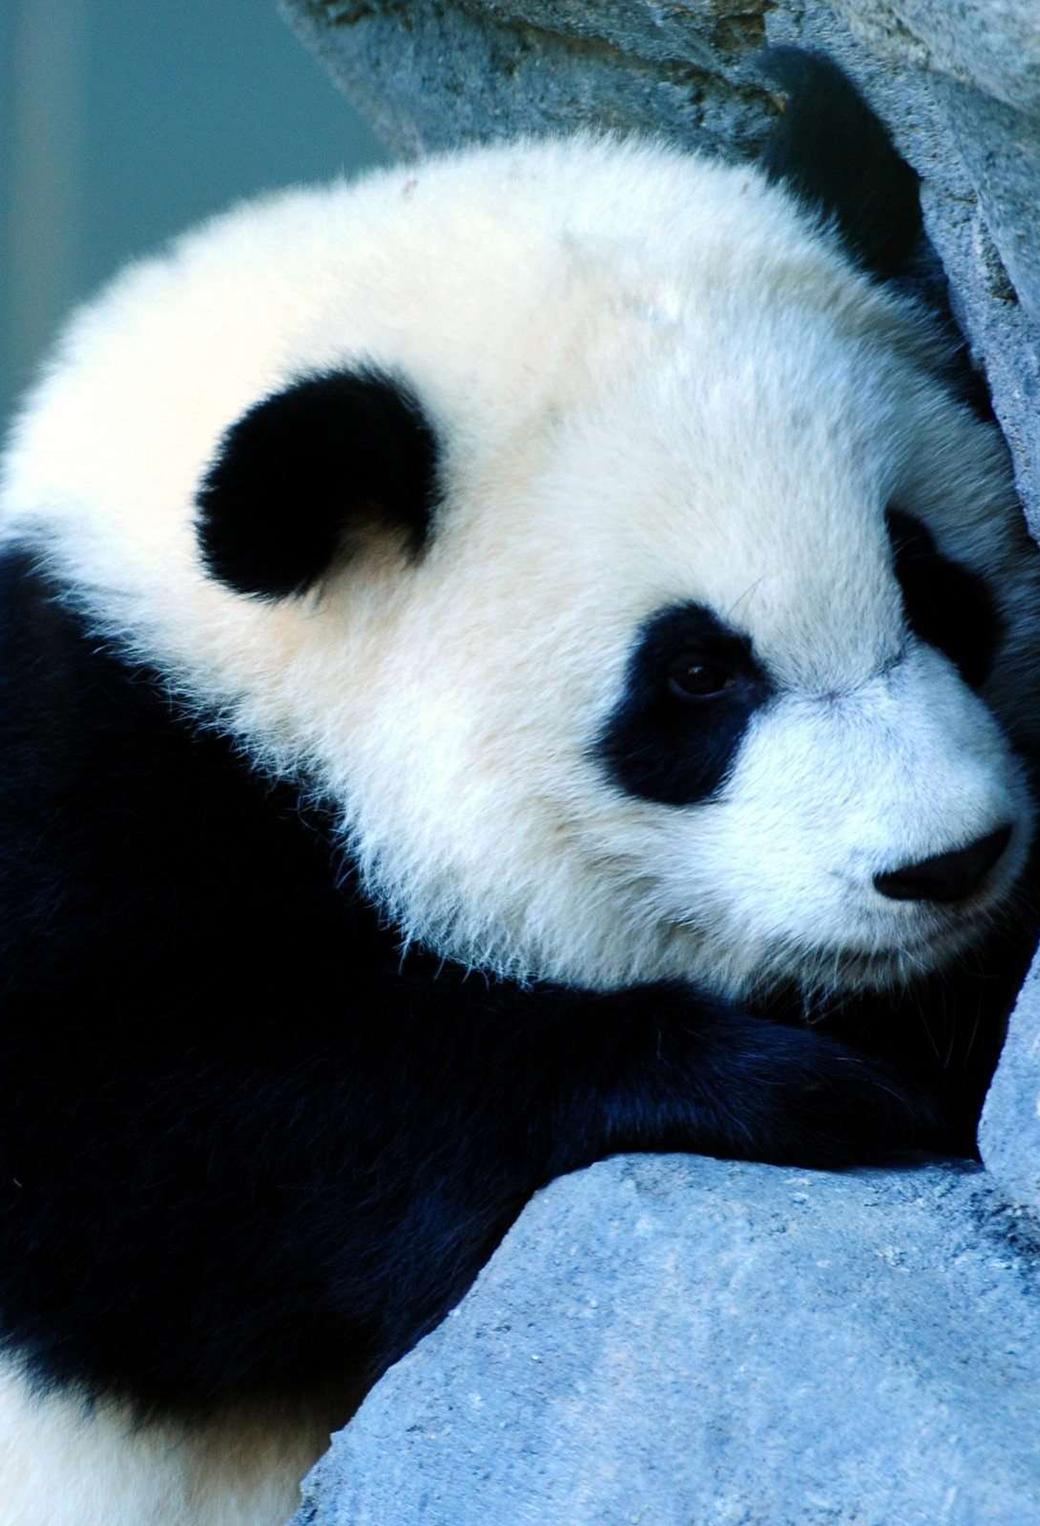 Cute Panda 3Wallppaers iPhone Parallax Cute Panda